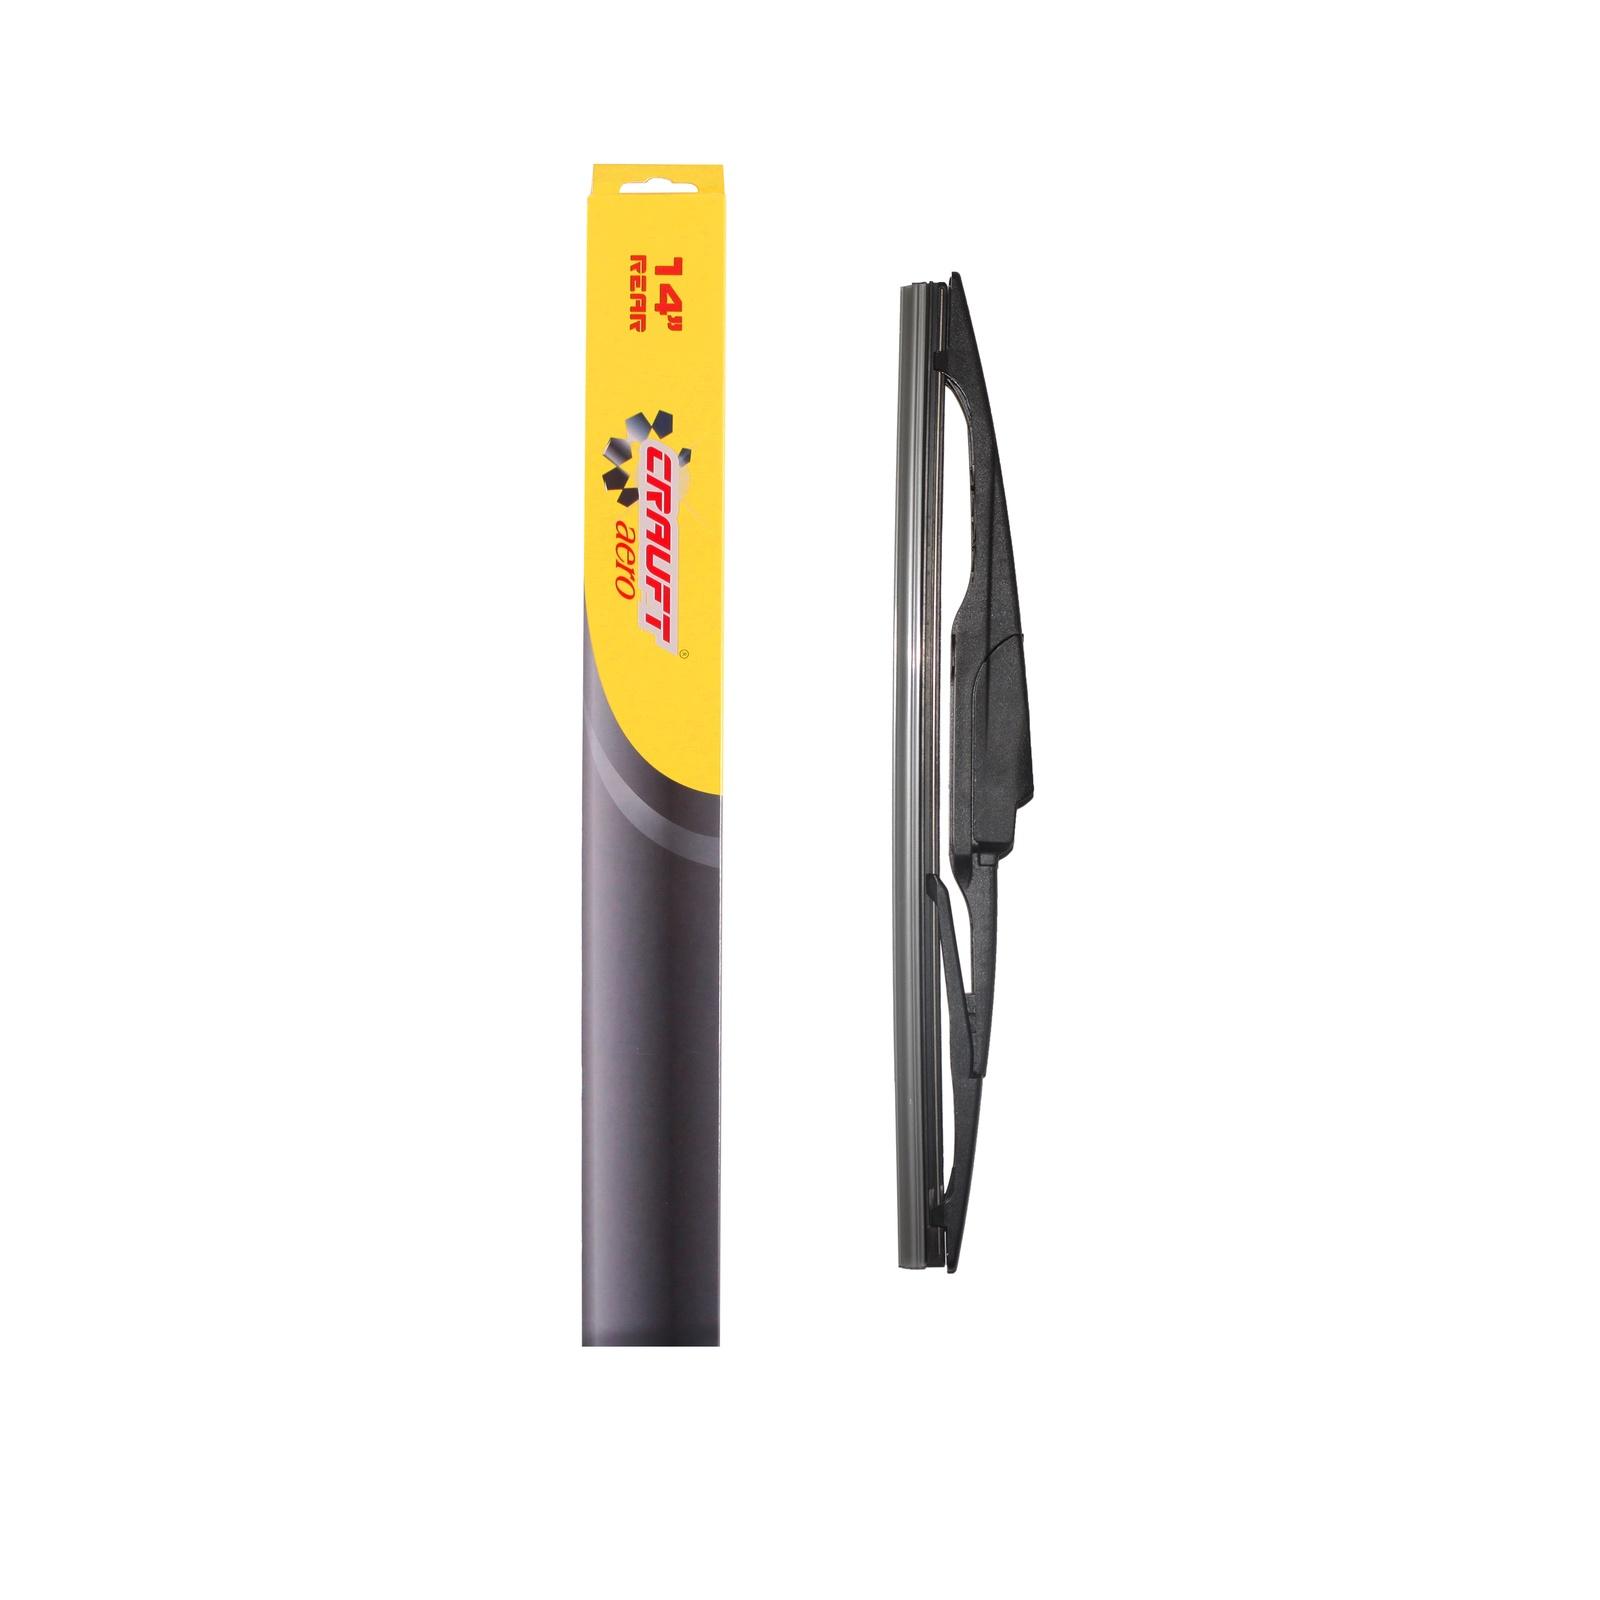 цена на Щетка стеклоочистителя CRAUFT 14R 35 см (задняя)